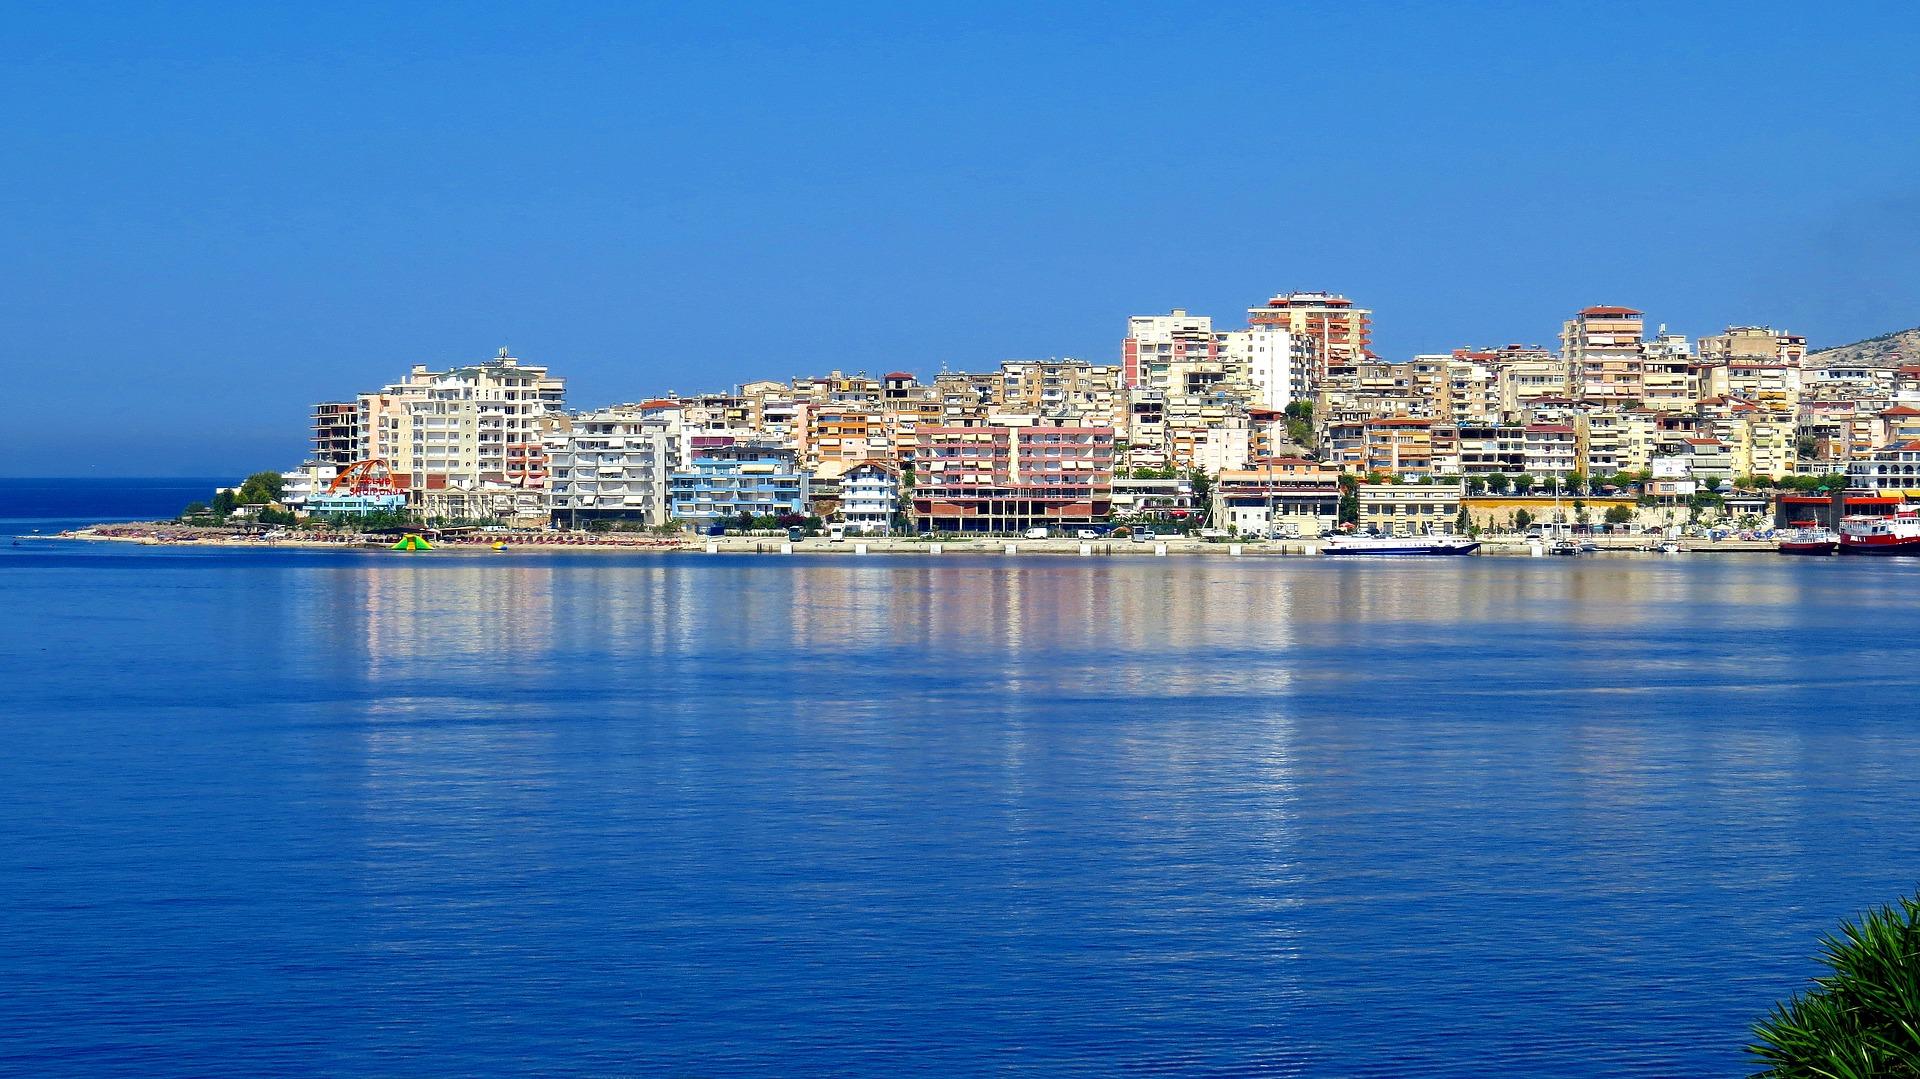 Urlaub in Durres buchen - Albanien Ferien am Strand ein unentdeckter Urlaubsort direkt in Europa in kurzer Flugzeit zu erreichen